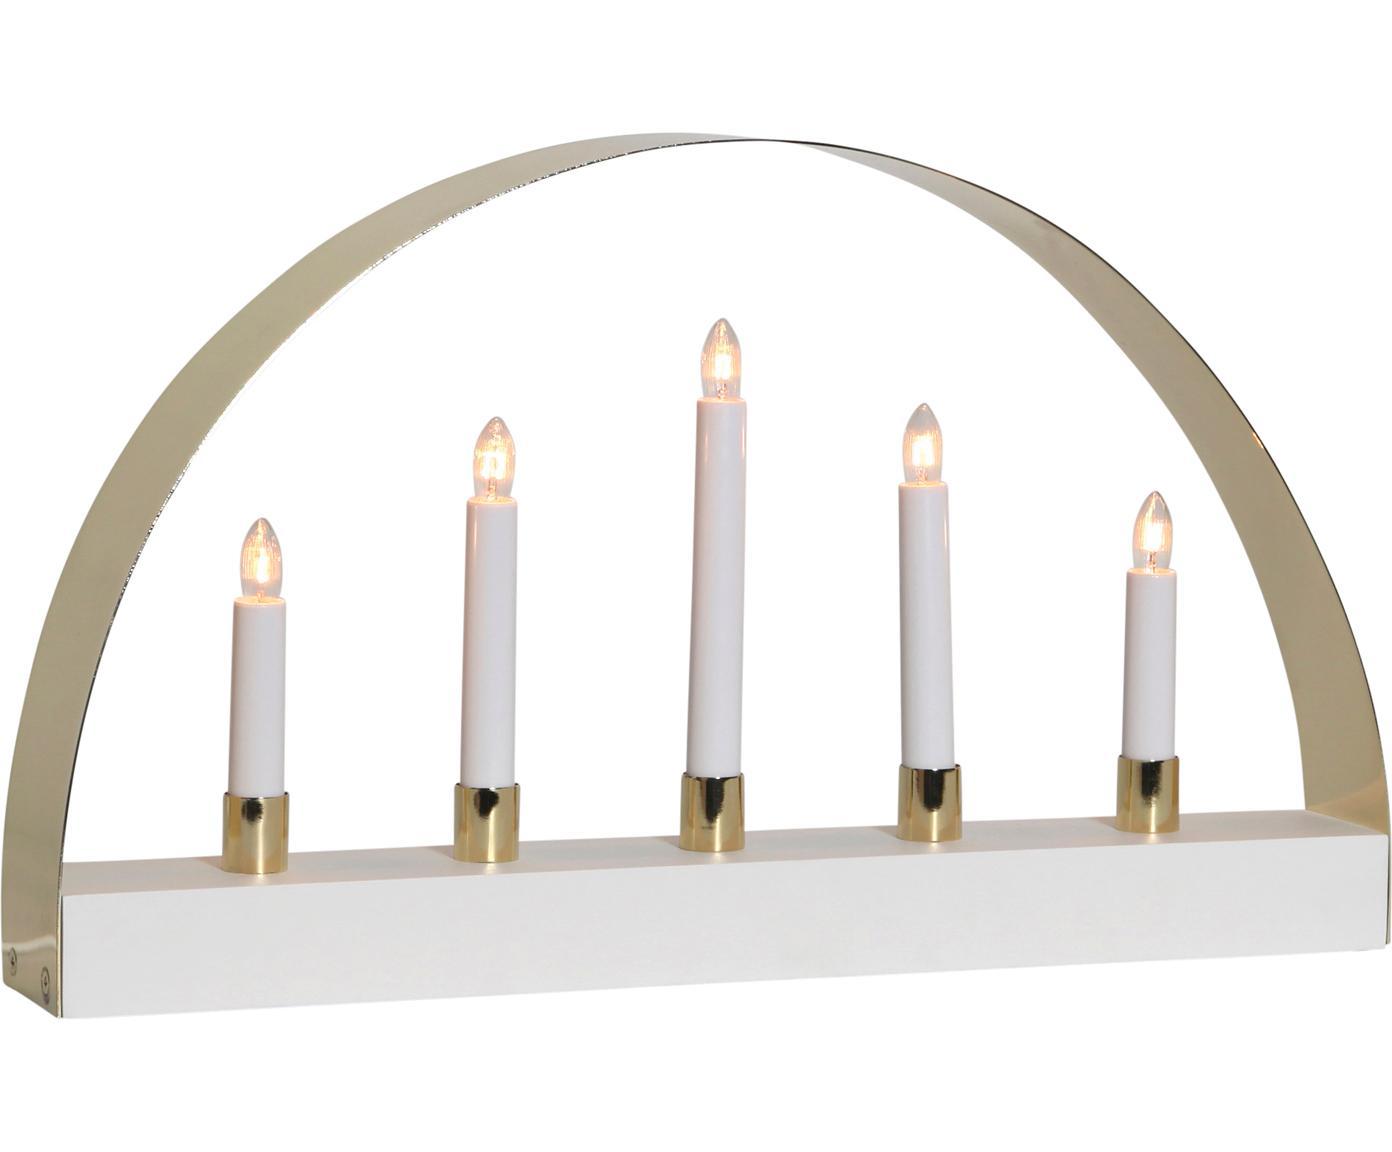 Leuchtobjekt Noble, mit Stecker, Weiß, Goldfarben, 47 x 28 cm